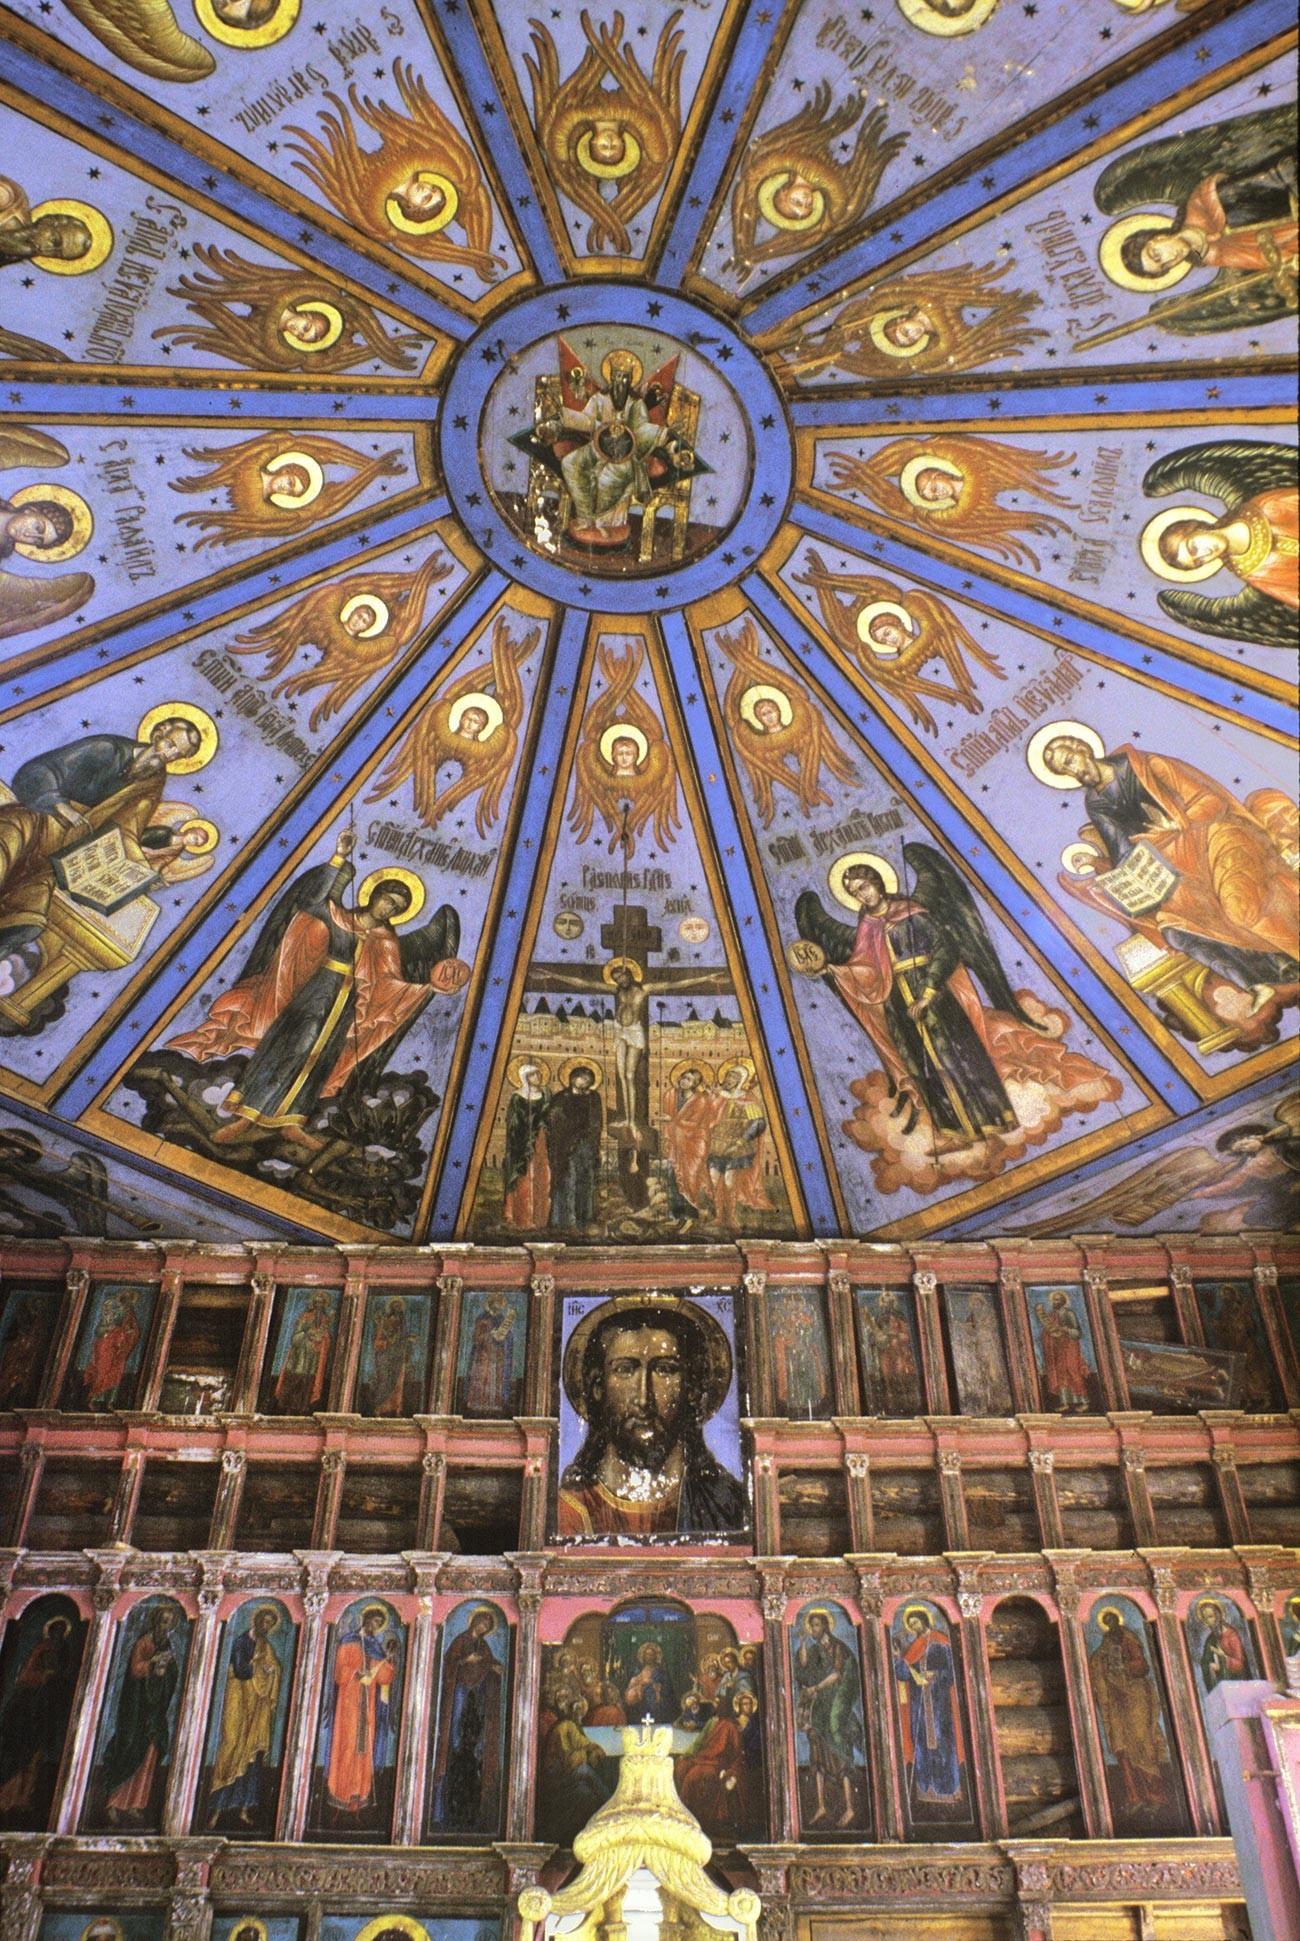 Ljadini. Pokrovska cerkev. Ikona iz sredine ikonostasa in poslikan strop (nebo). 29. julij 1998